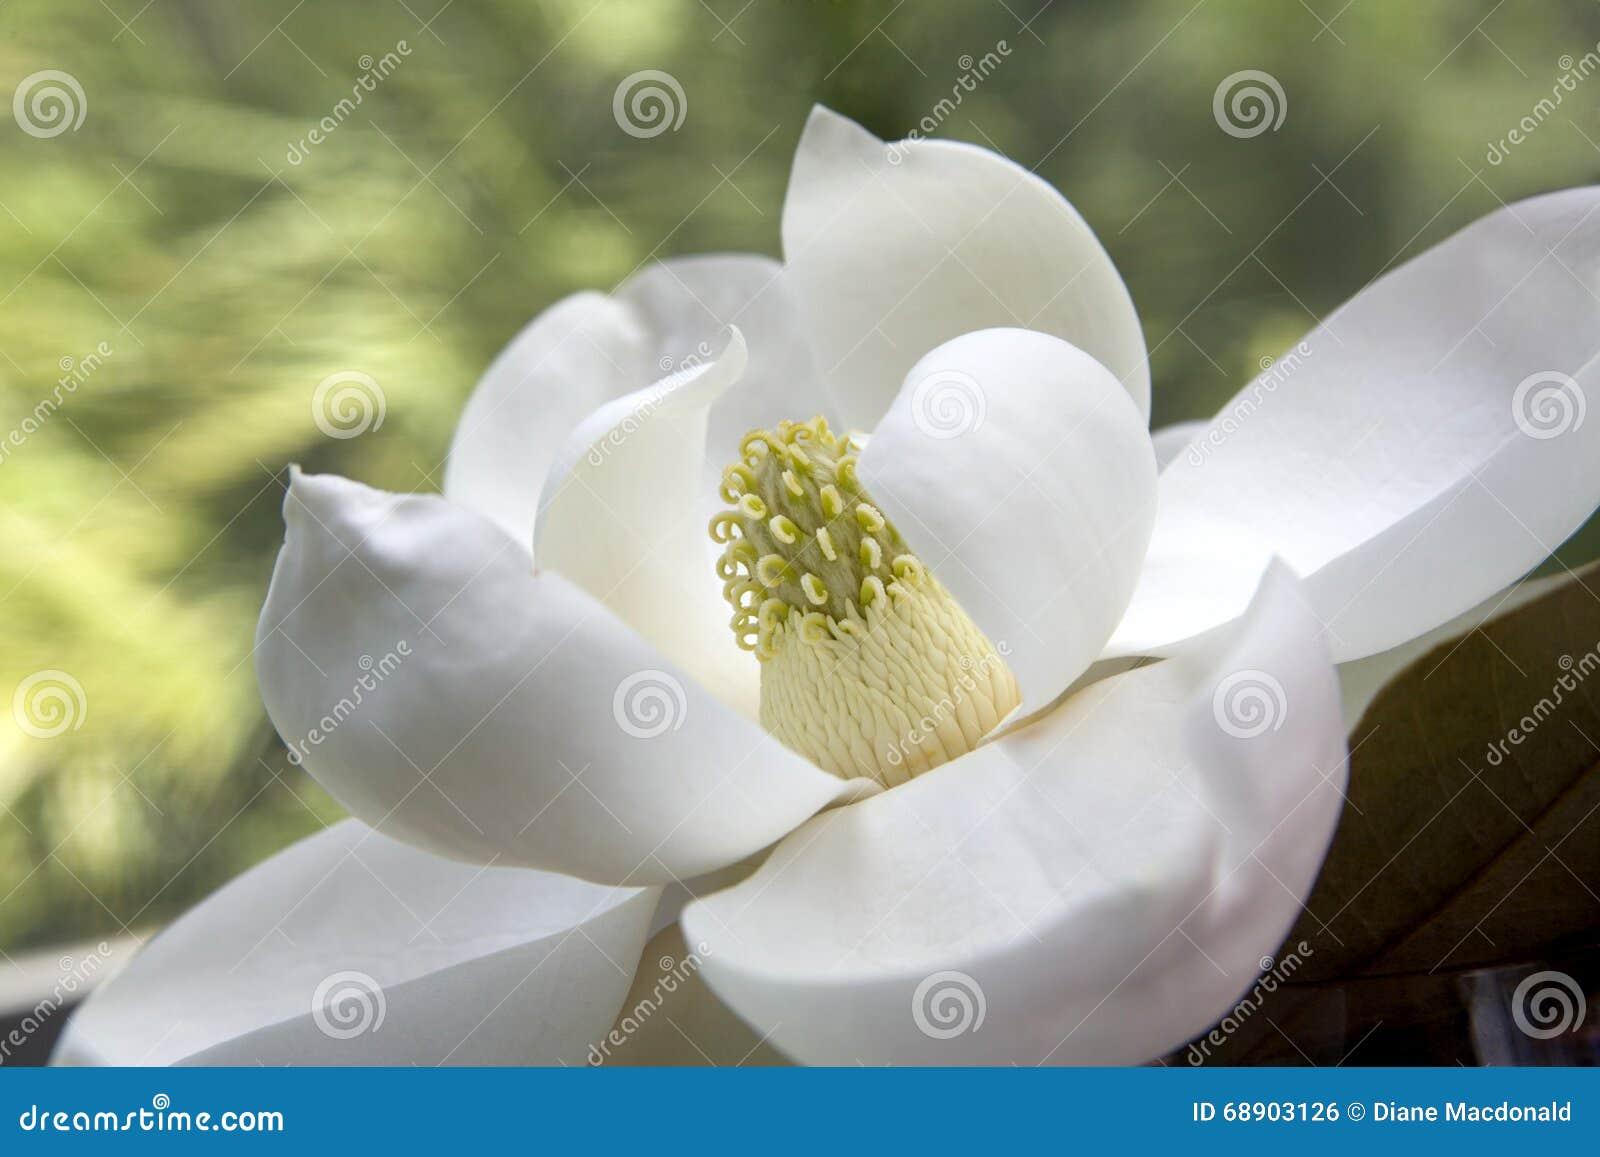 Grandiflora magnolia